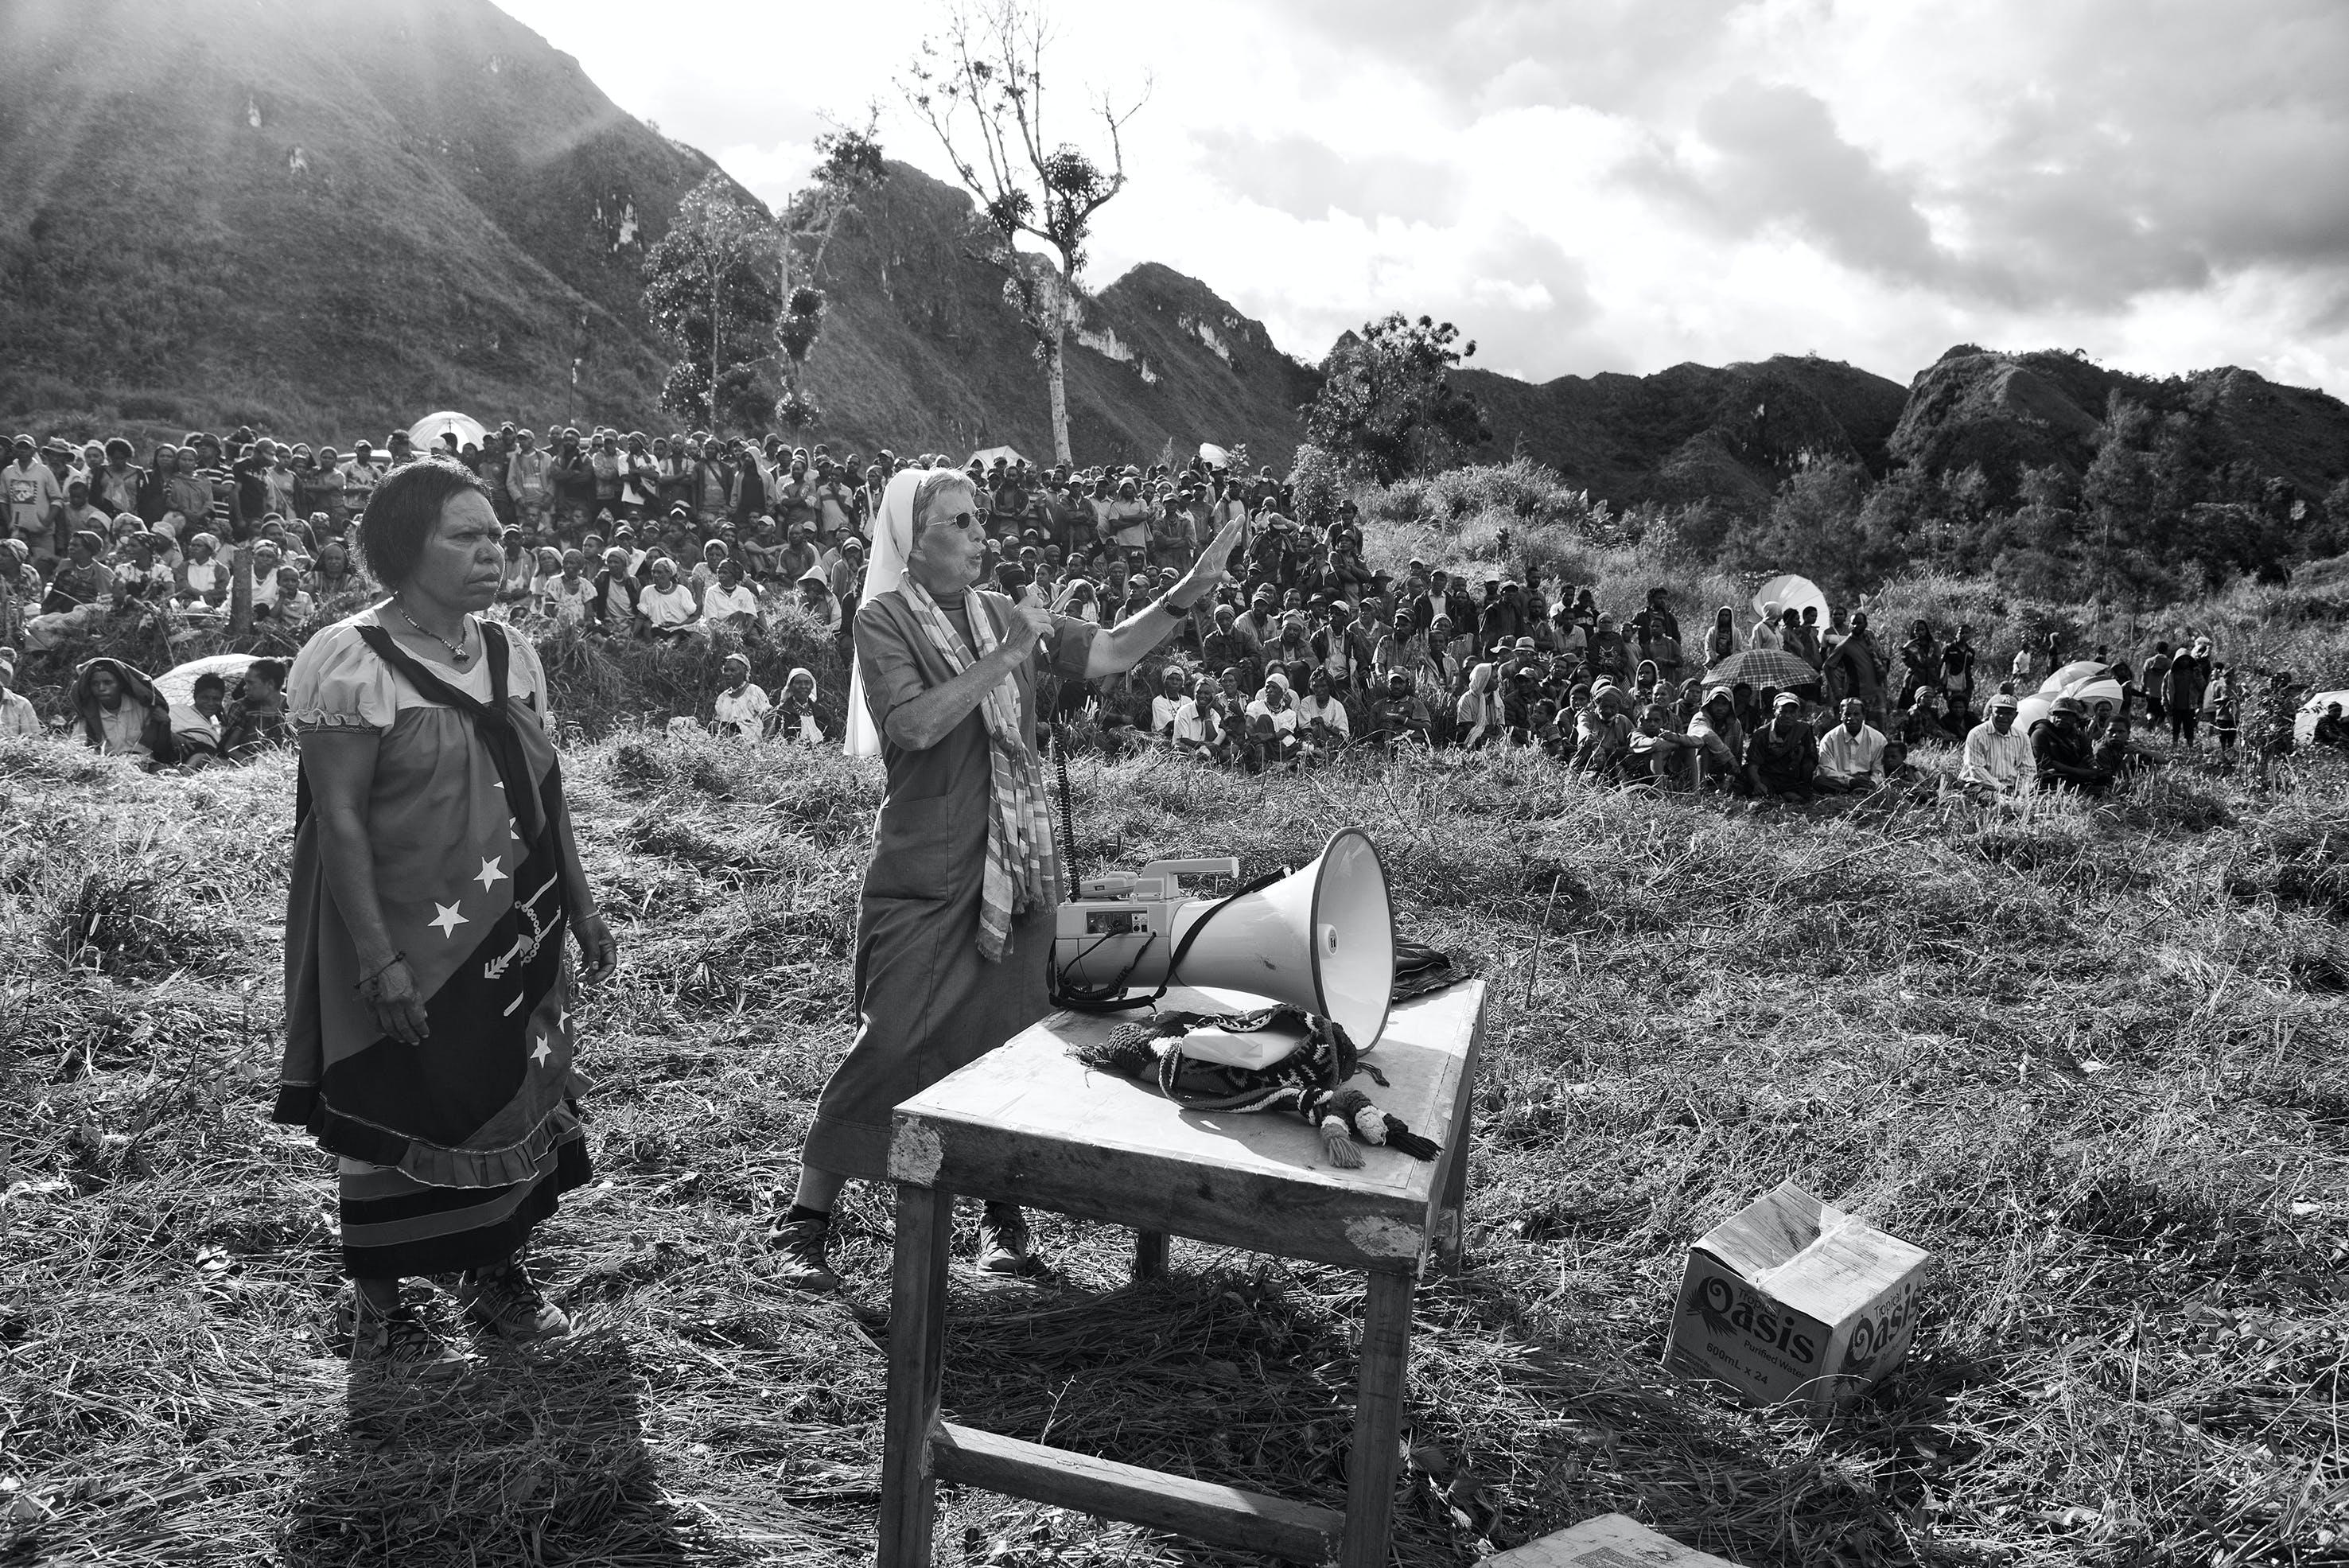 Schwester Lorena trägt seit Jahren als Vermittlerin zur Befriedung zwischen verfeindeten Dörfern bei.